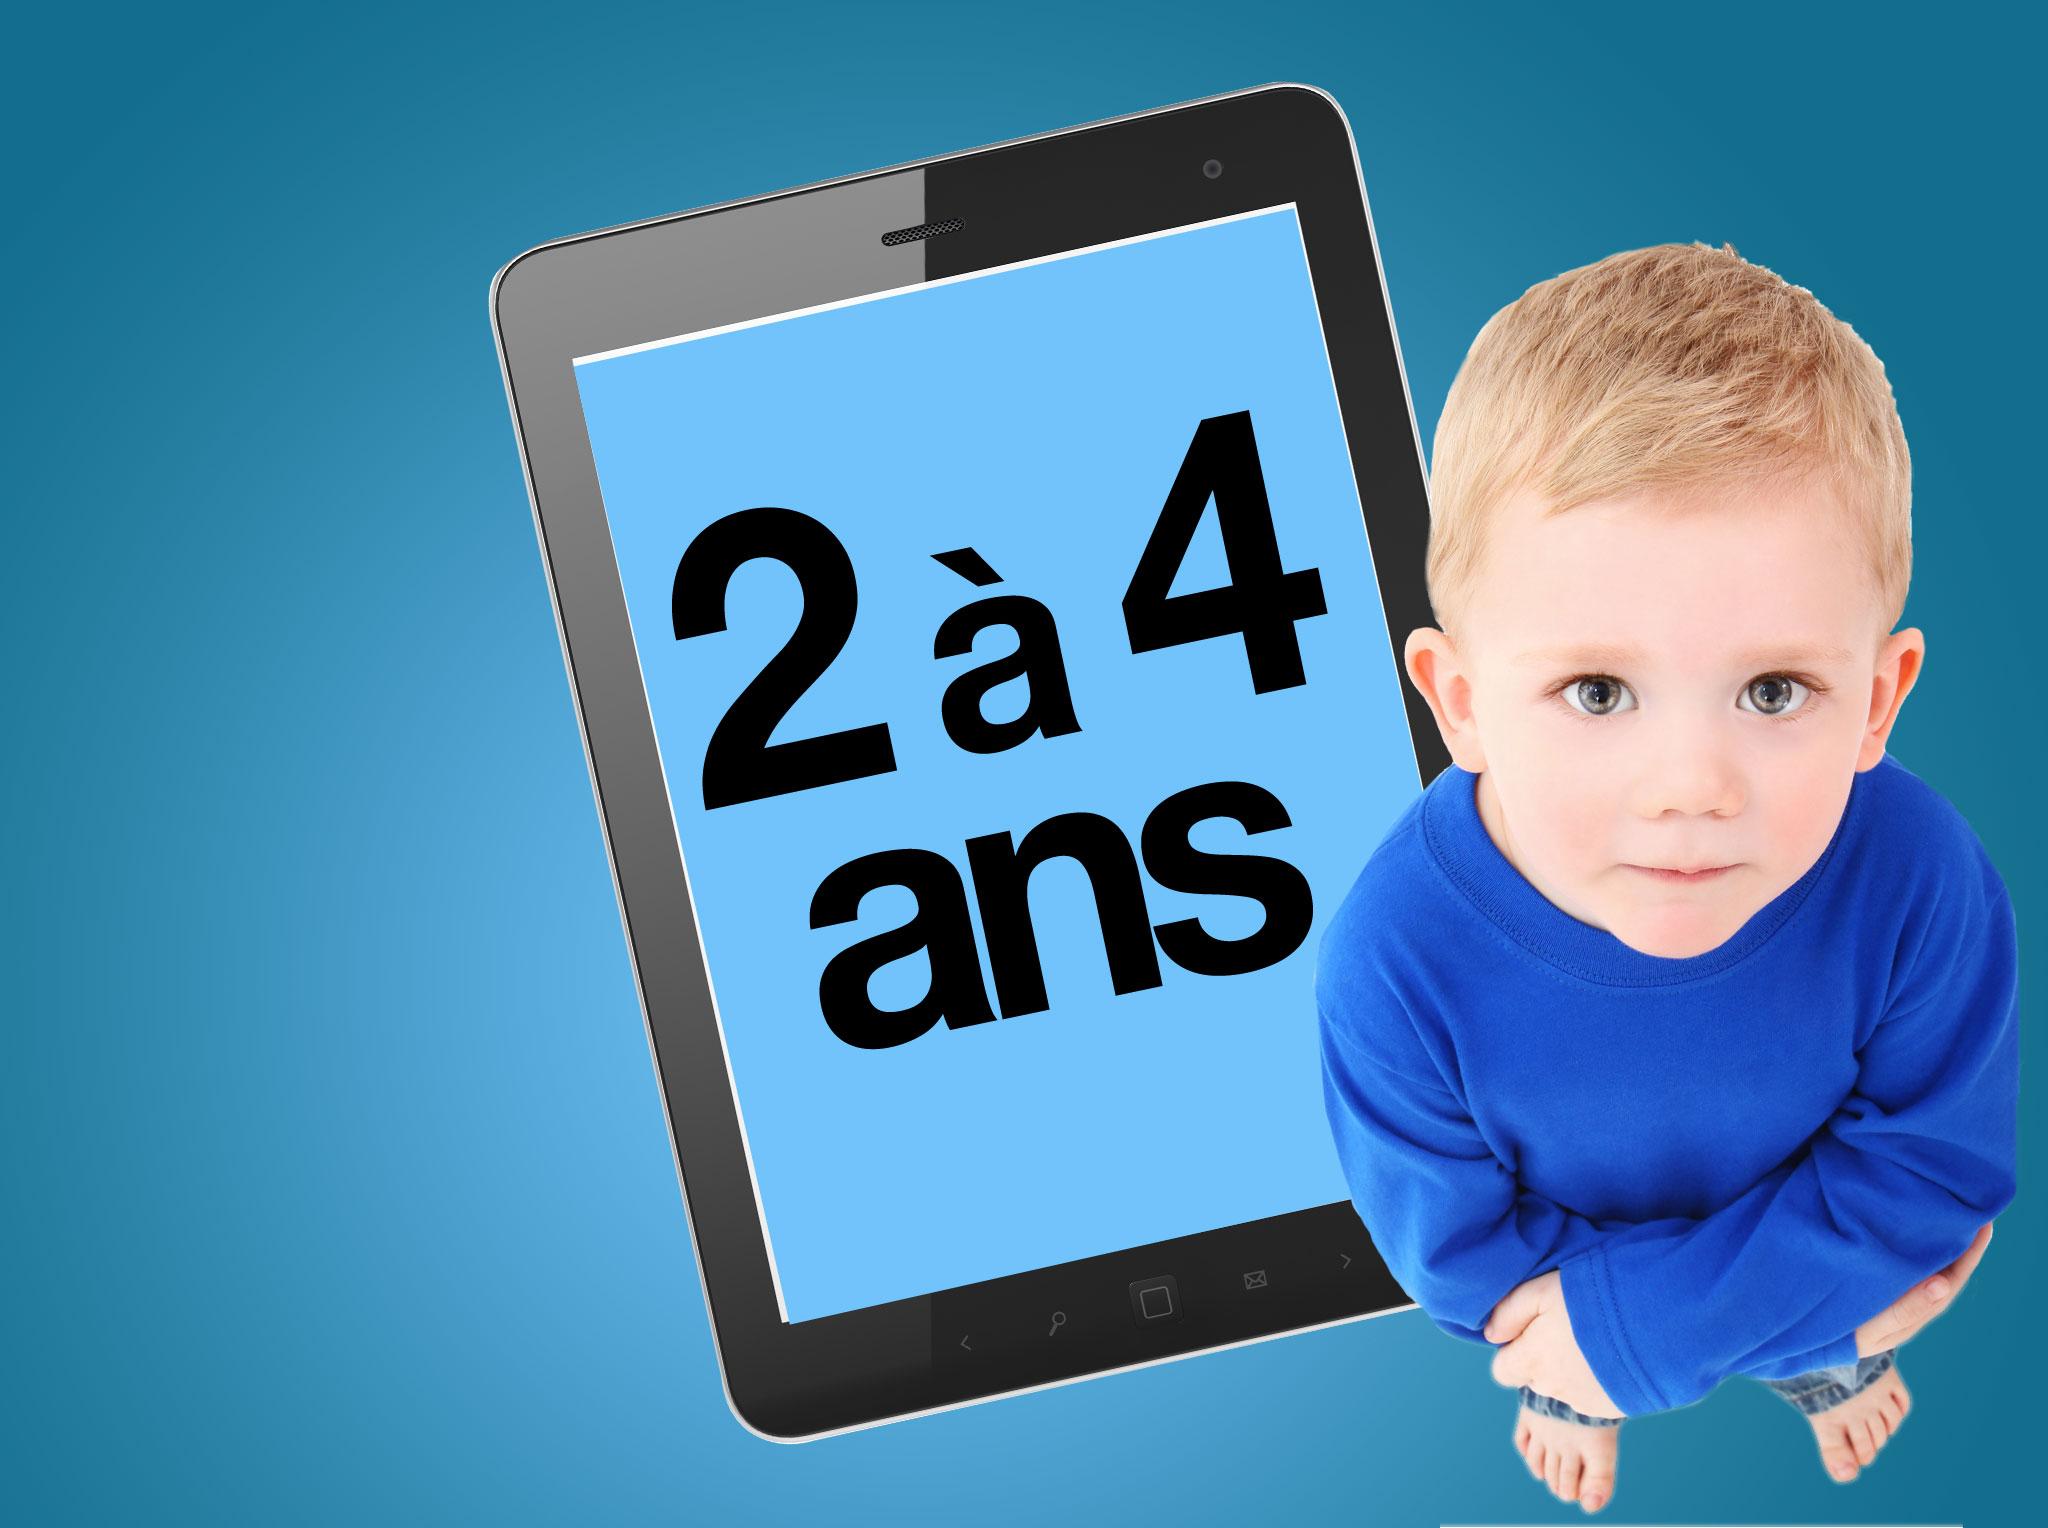 Jeux Sur Tablette: 64 Choix Pour Enfants | Protégez-Vous.ca pour Jeux Educatif 2 Ans En Ligne Gratuit